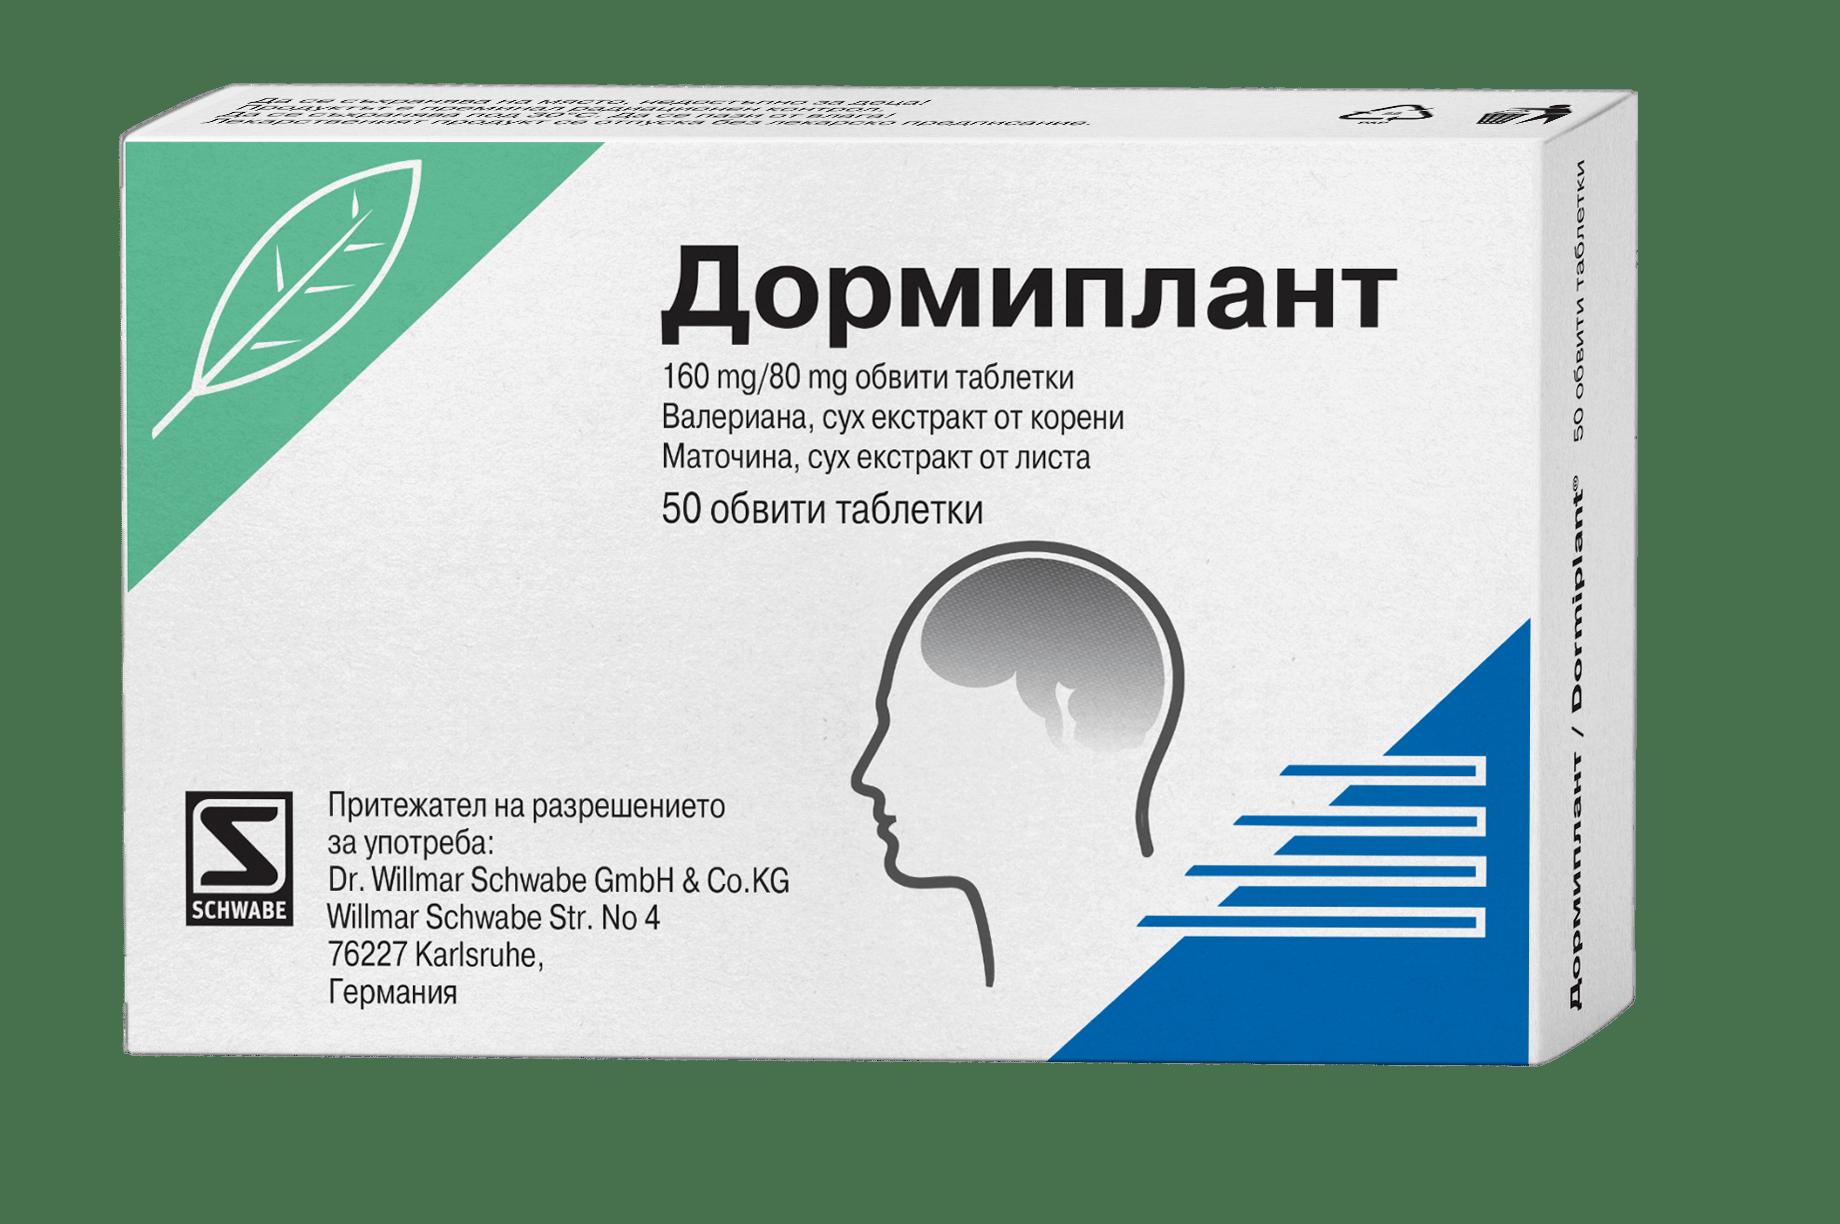 Дормиплант таблетки